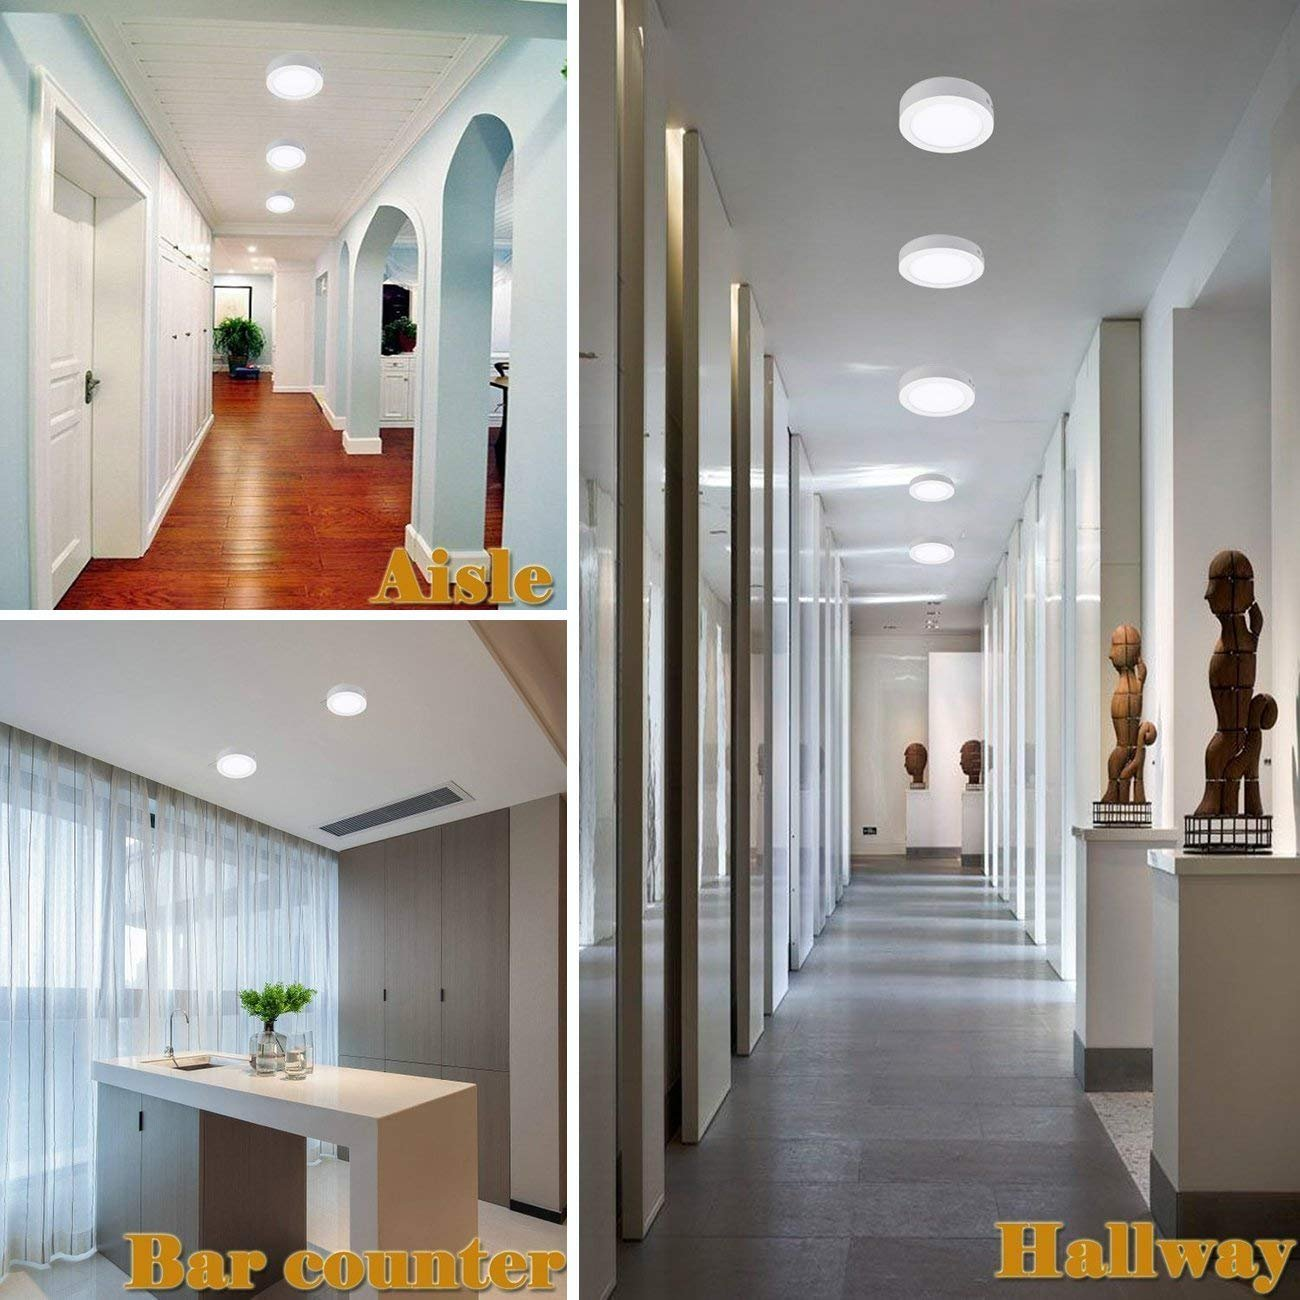 Flur Deckenleuchte Rund 12W LED Deckenlampe Wandlampe Wandleuchte 3000K Warmwei/ß f/ür K/üche Nicht Dimmbar Keller